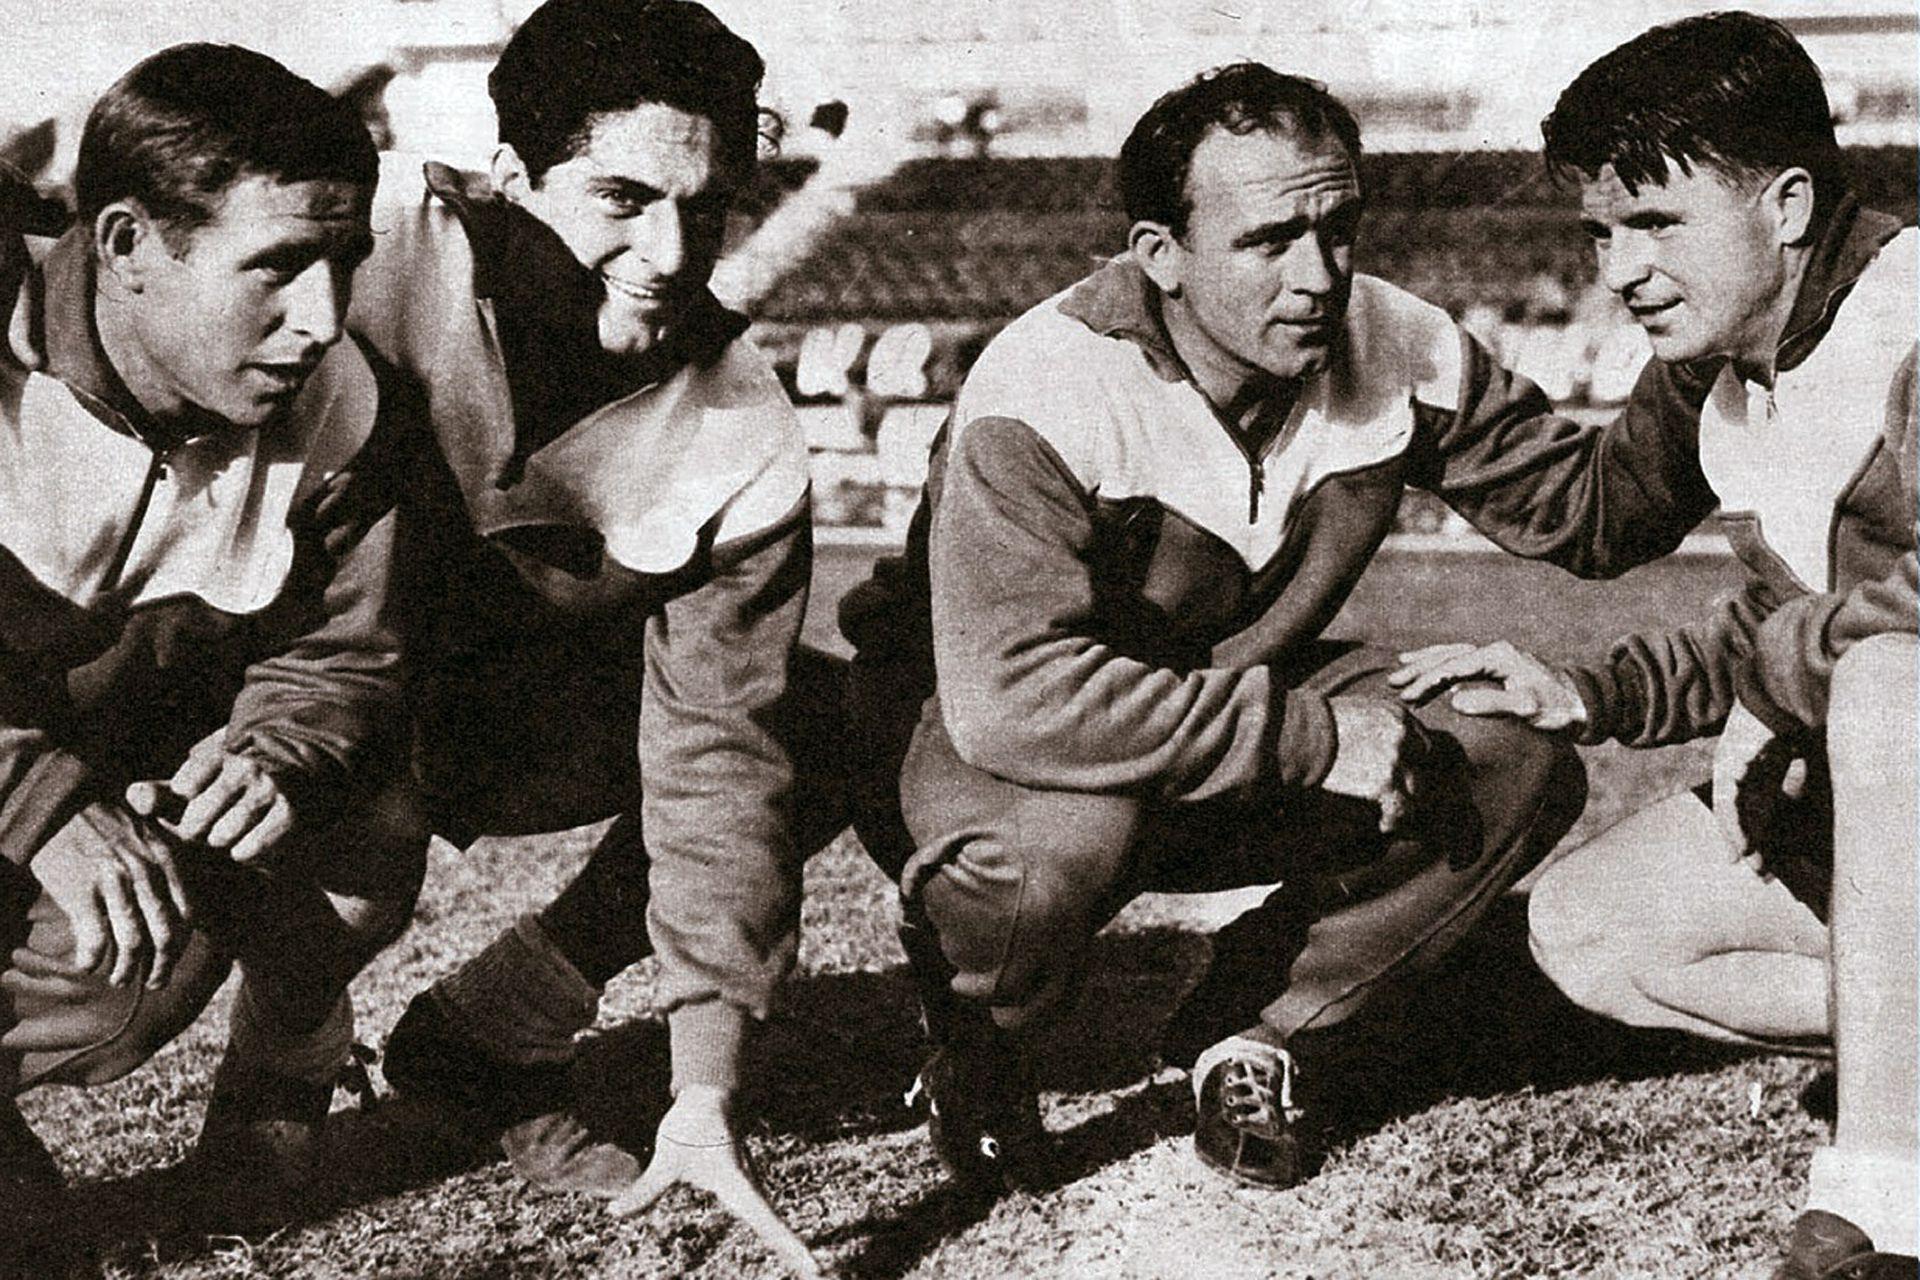 Raymond Kopa y Ferenc Puskas (14 de agosto de 1958): práctica antes del amistoso en el Monumental, contra River; Real Madrid presenta al atacante húngaro y gana 1-0; en la imagen, Kopa, Héctor Rial (autor del gol), Distéfano y Puskas